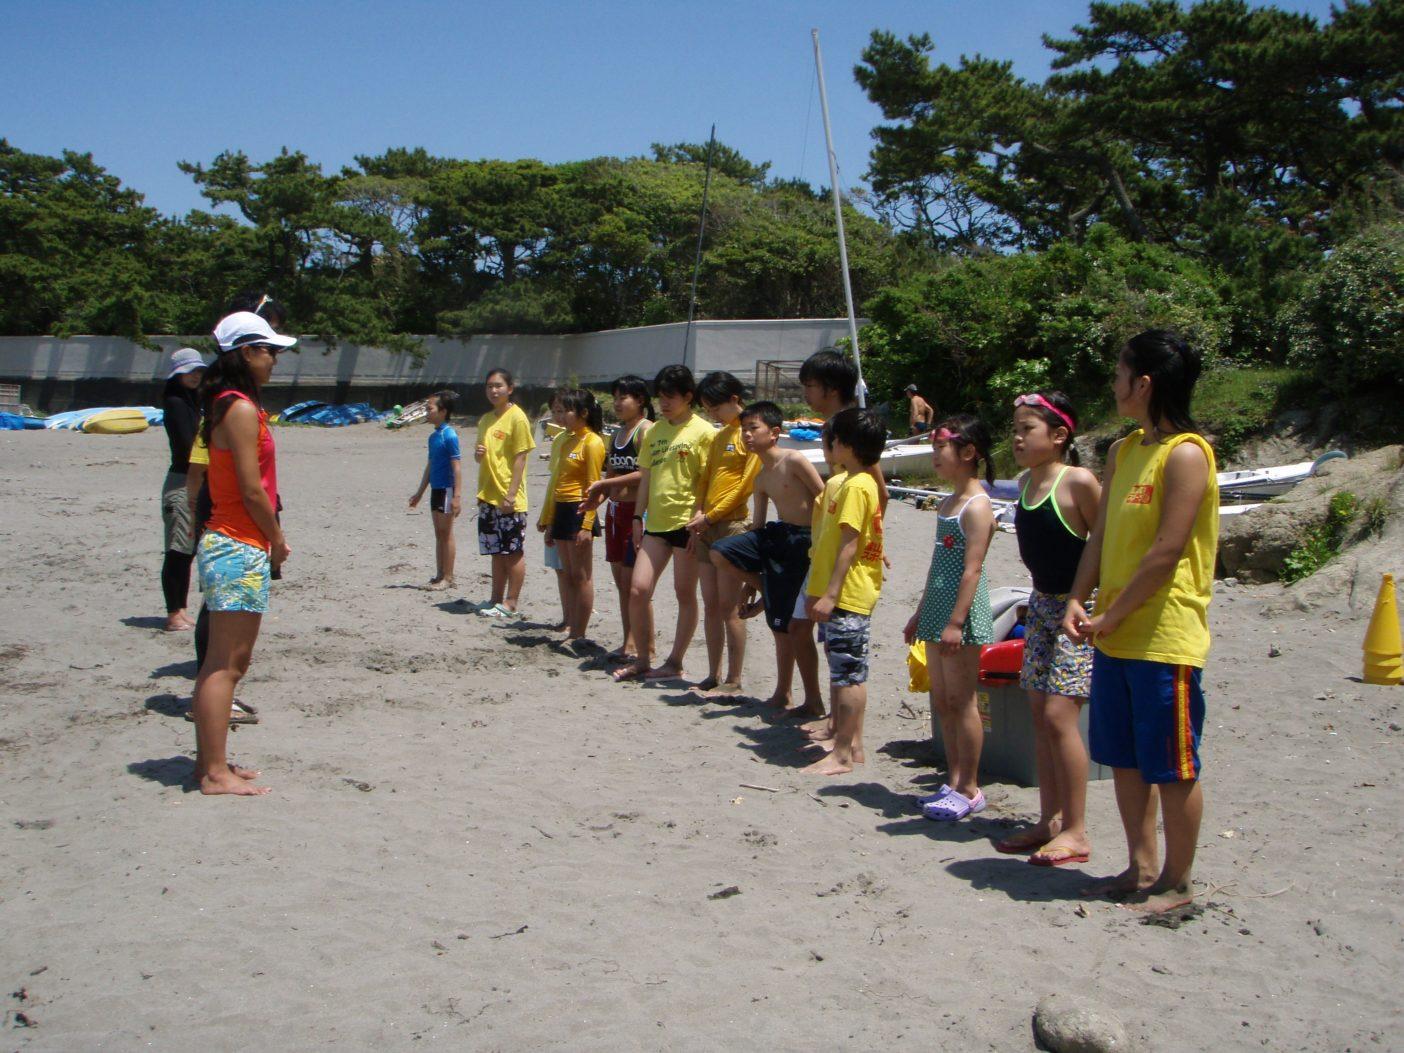 葉山海洋スポーツ塾のビーチトレーニング。小中高生を対象にジュニアライフセービングの入門プログラムを実施。写真:松宮愛